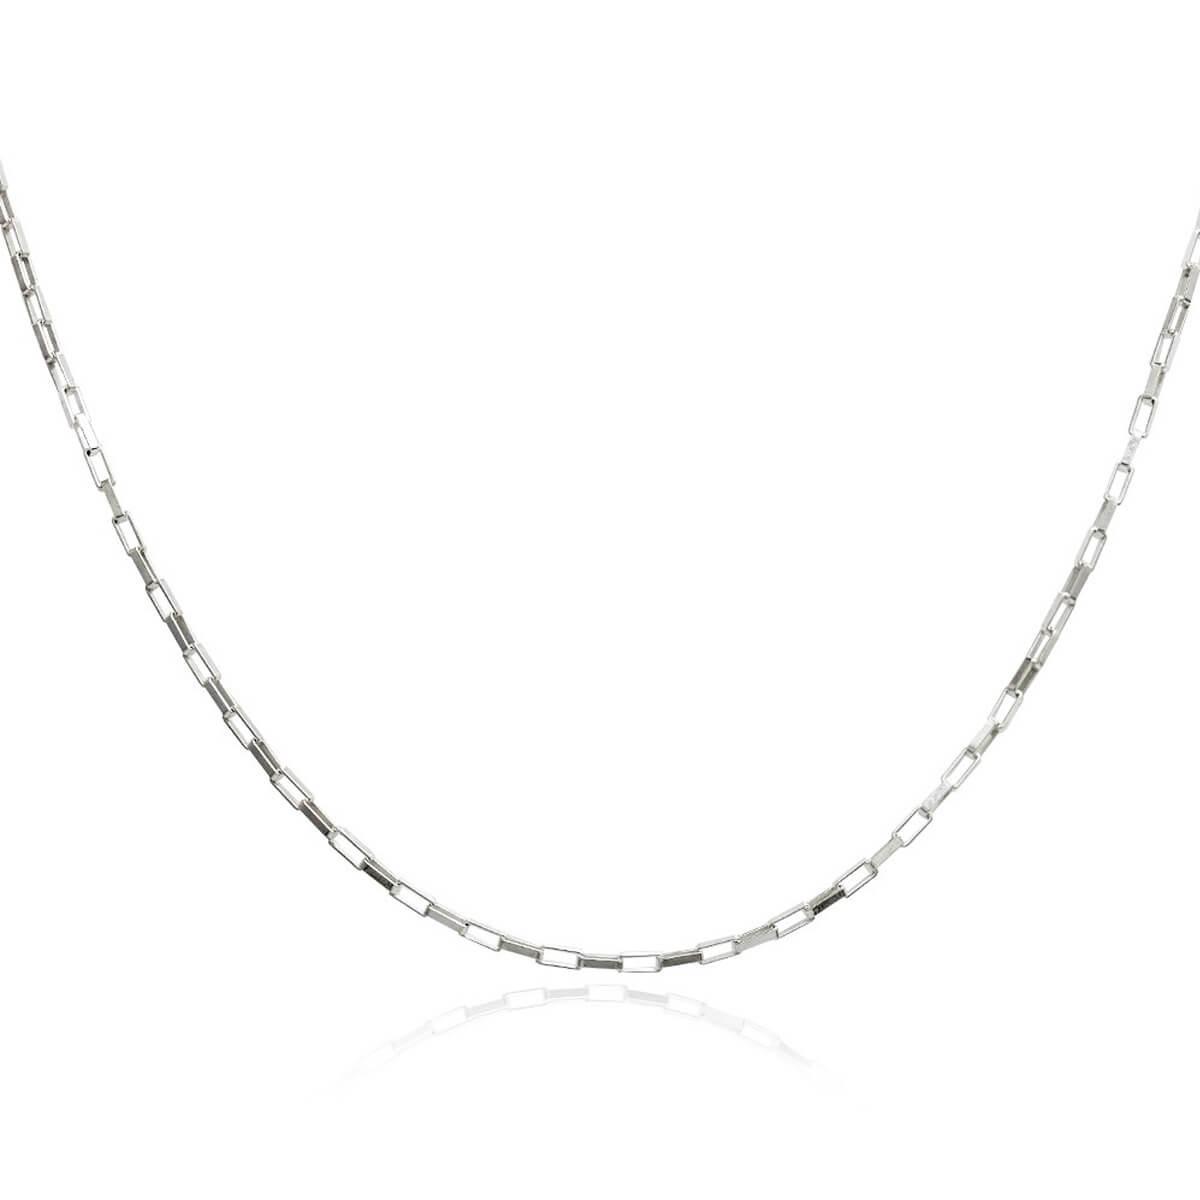 b547eabbb398 Corrente de Prata Cartier Masculina 60 cm em Prata 925